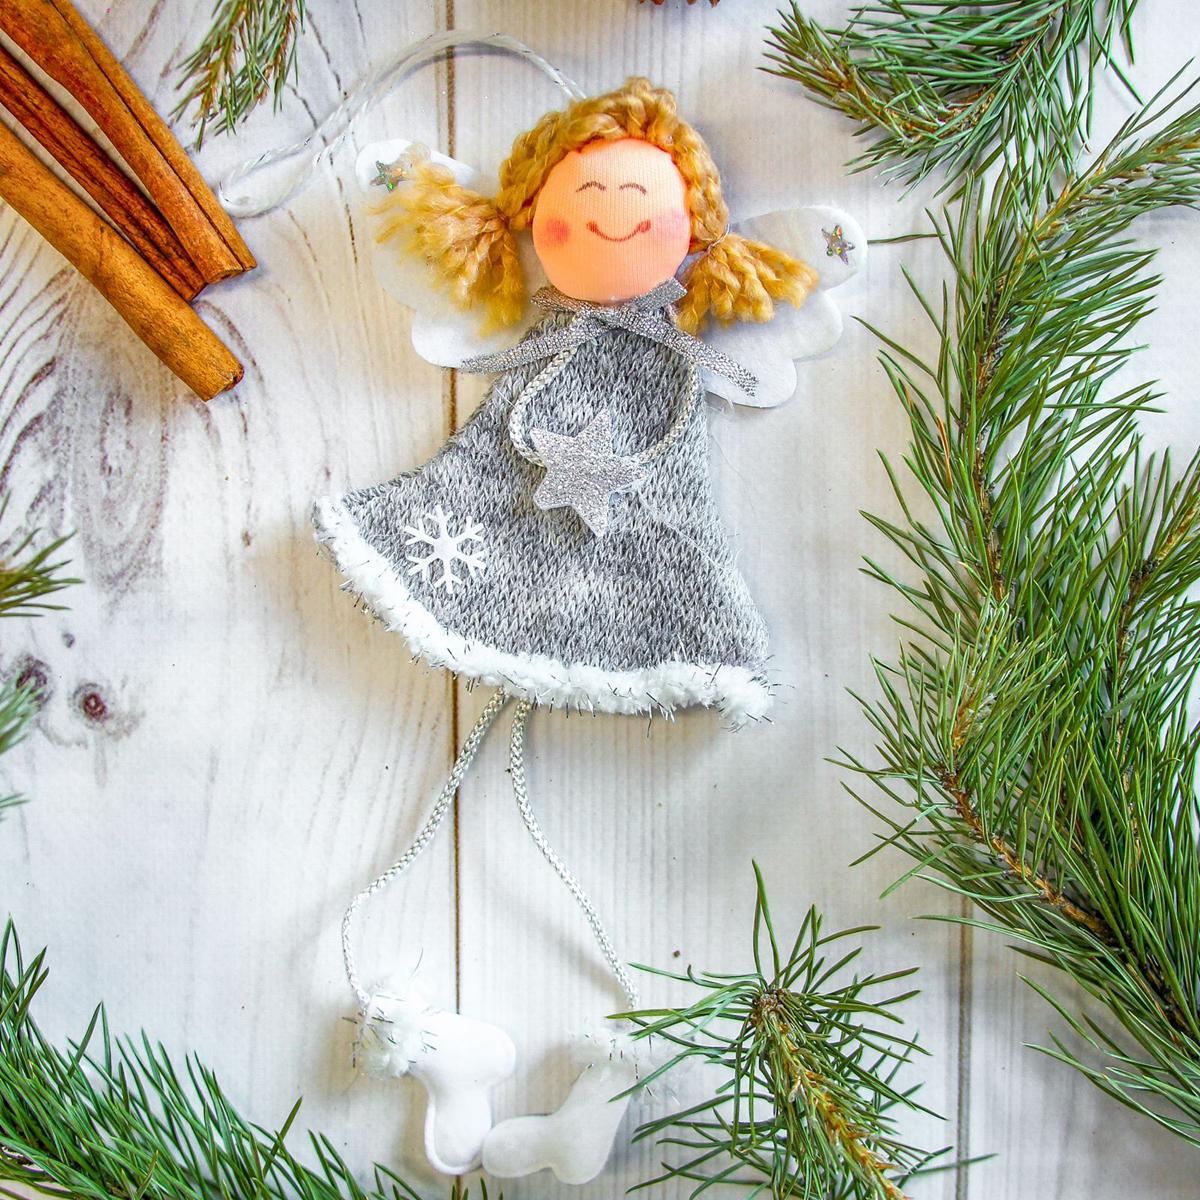 Украшение новогоднее подвесное Девочка, 9 х 10 см2357051Новогоднее украшение ручной работы отлично подойдет для декорации вашего дома и новогодней ели. С помощью специальной петельки украшение можно повесить в любом понравившемся вам месте. Но, конечно, удачнее всего оно будет смотреться на праздничной елке.Елочная игрушка - символ Нового года. Она несет в себе волшебство и красоту праздника. Такое украшение создаст в вашем доме атмосферу праздника, веселья и радости.